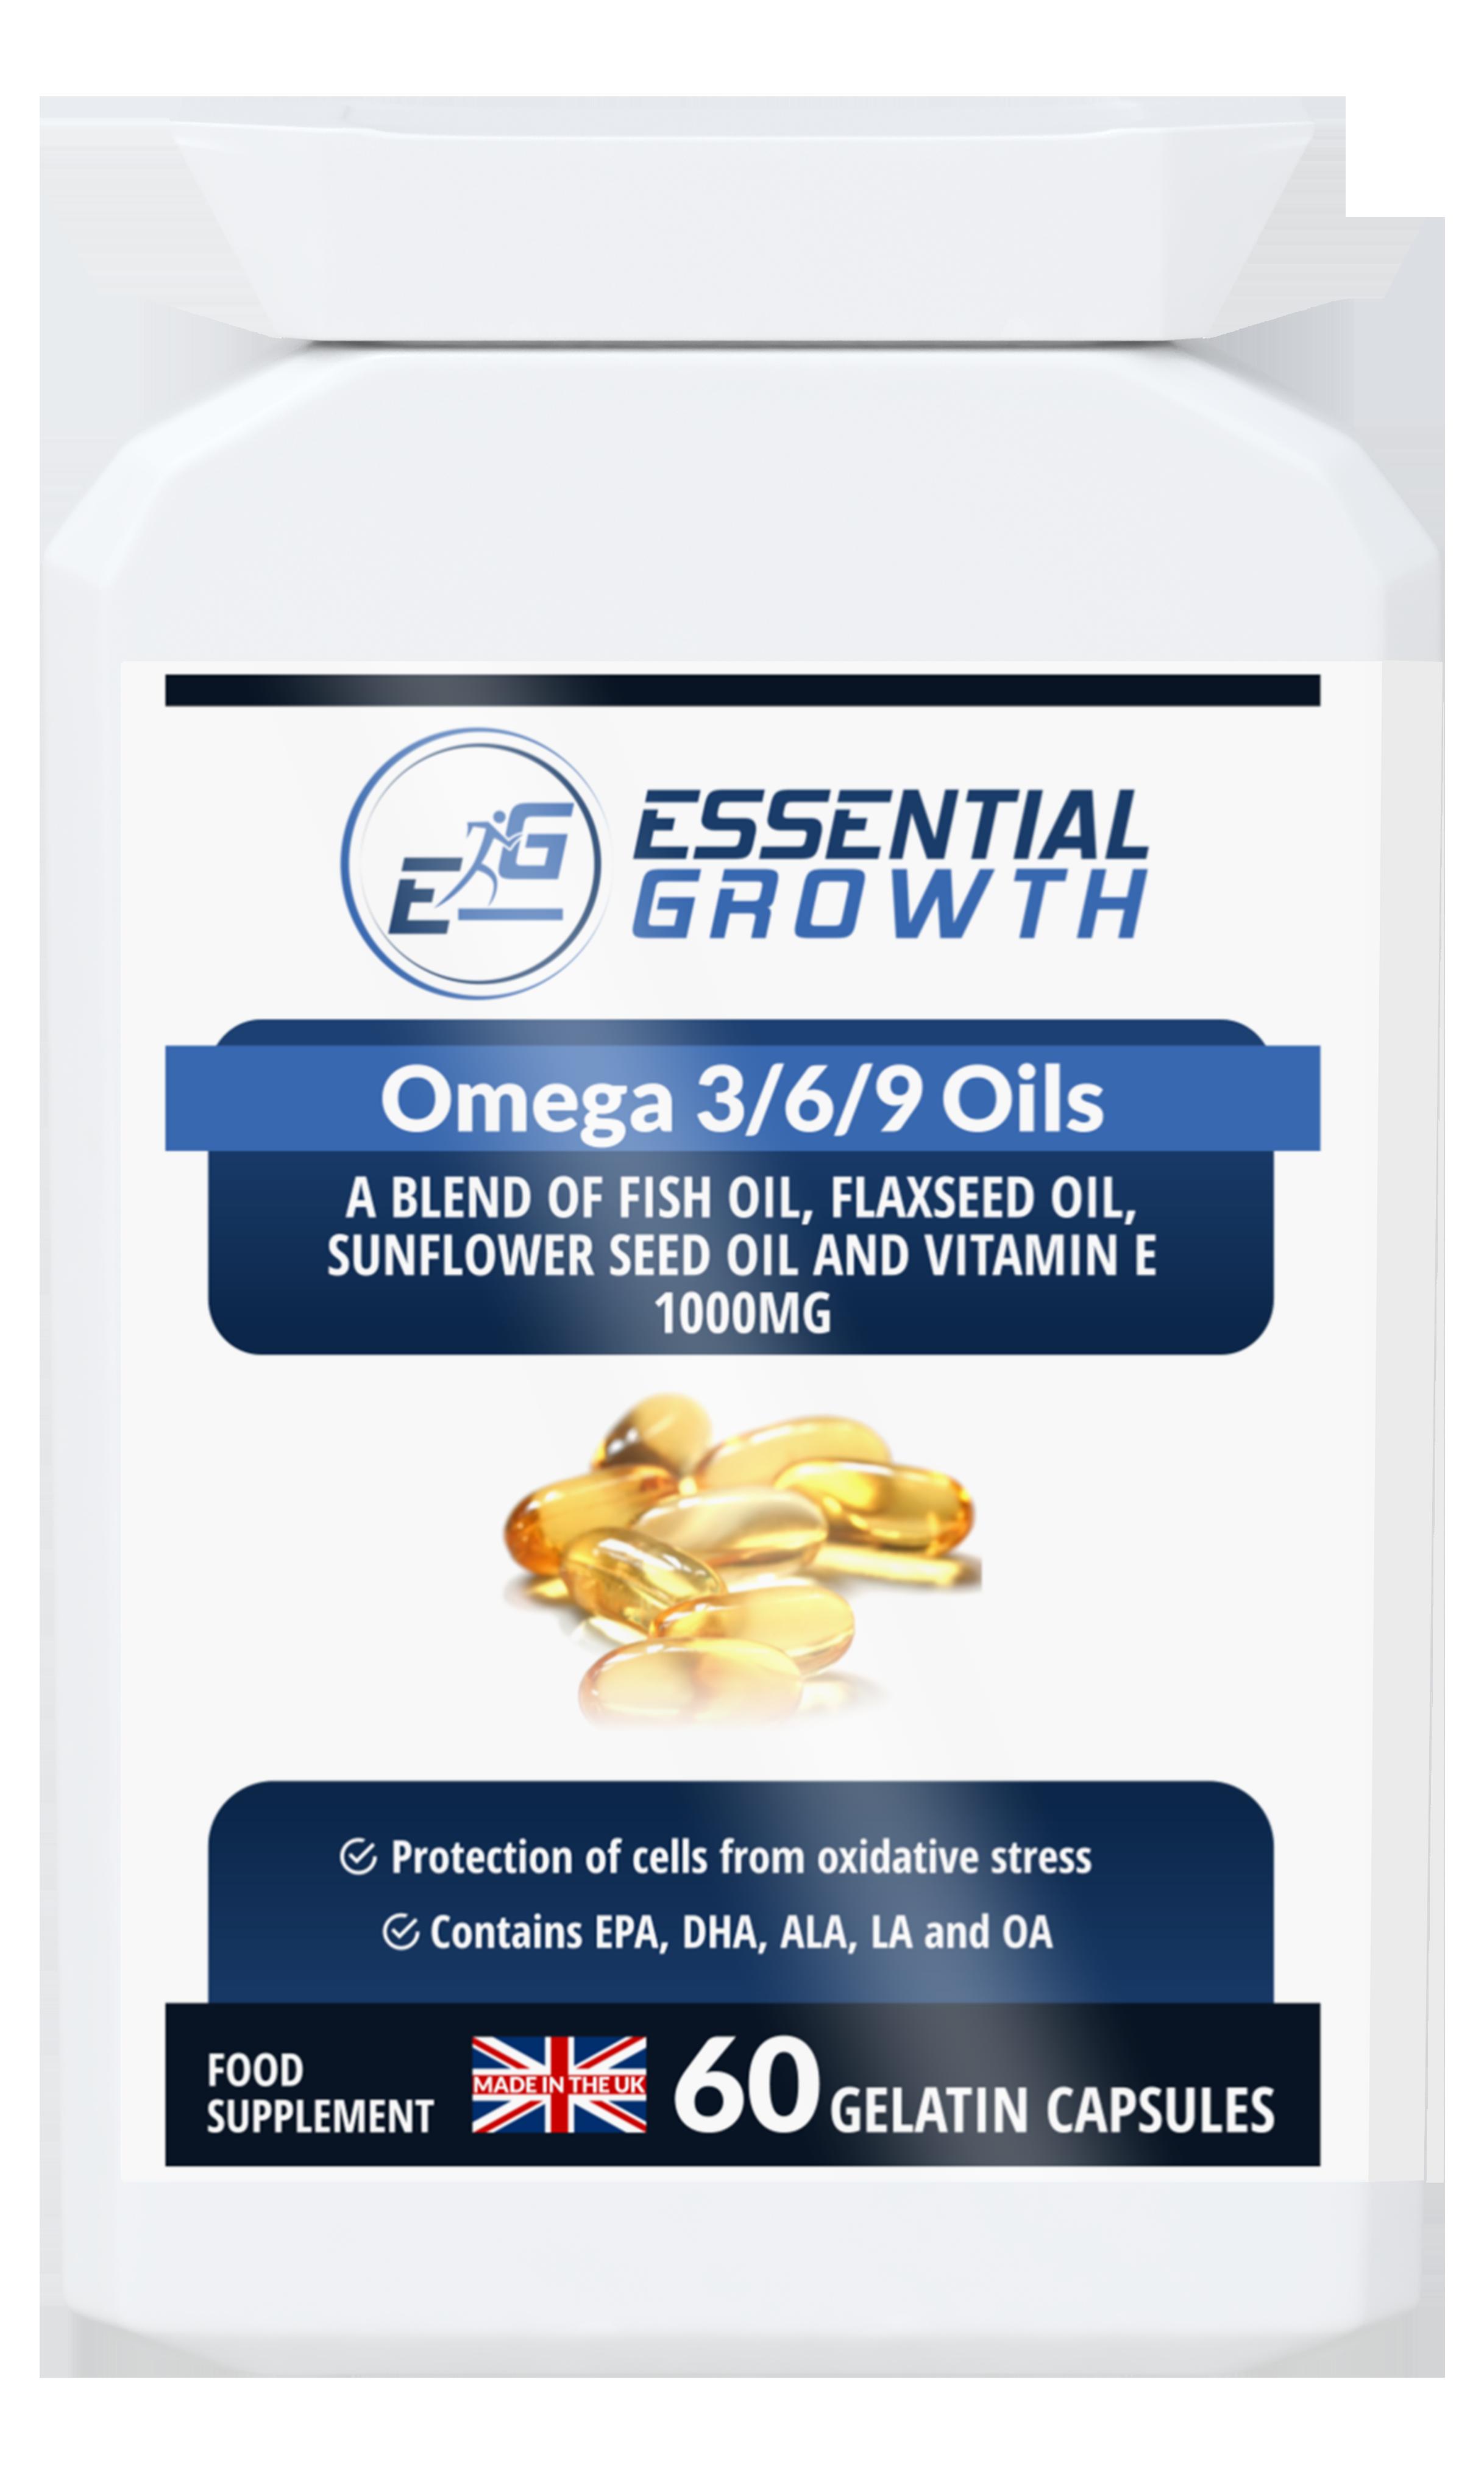 Omega 3 6 9 Oils Essential Growth